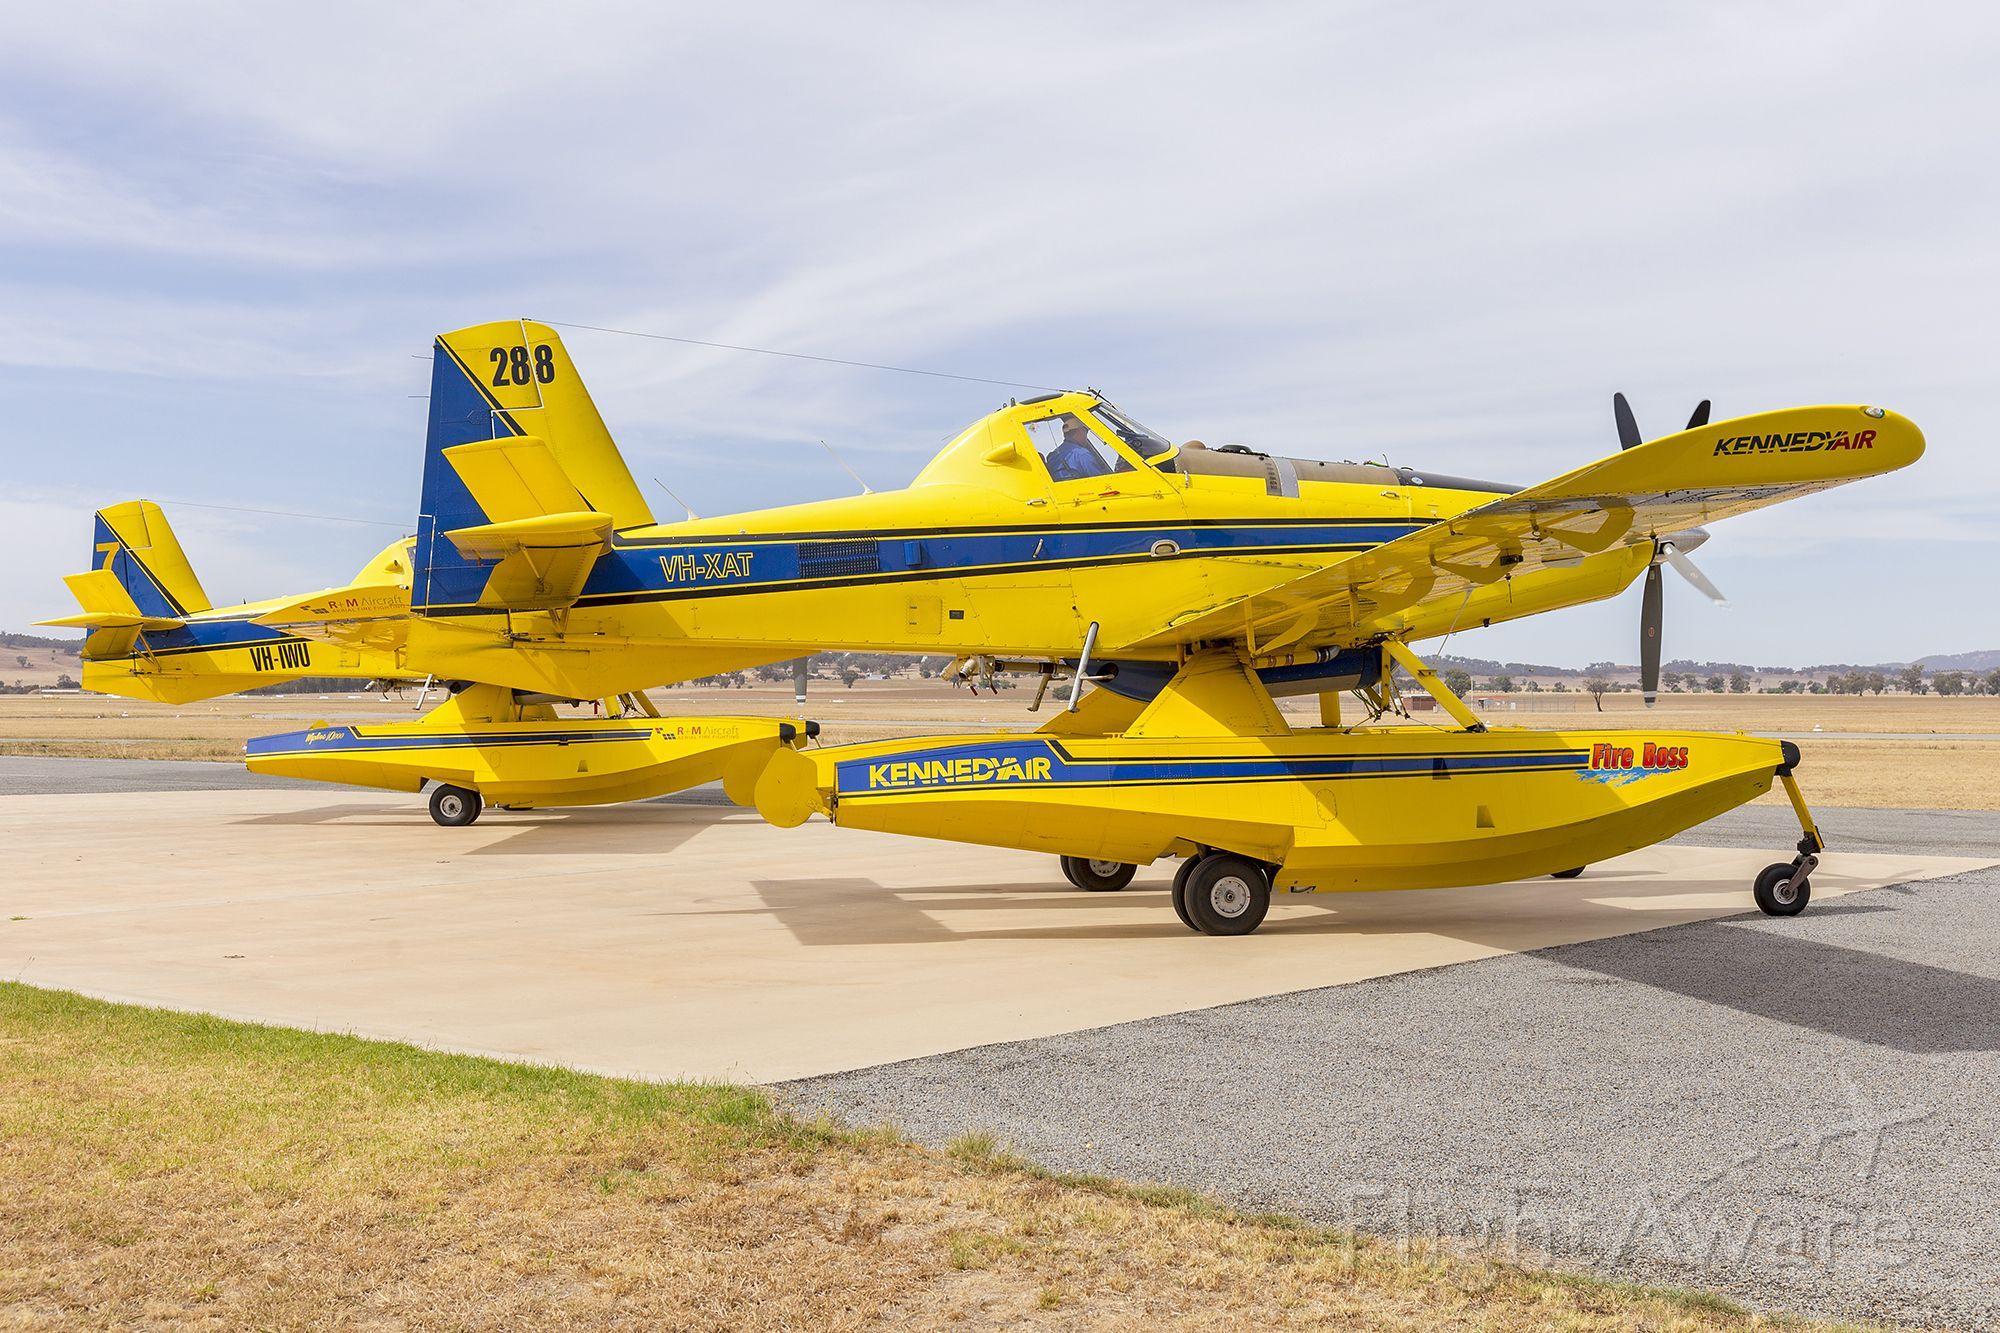 AIR TRACTOR Fire Boss (VH-XAT) - Kennedy Aviation (VH-XAT) Air Tractor AT802F Fire Boss at Wagga Wagga Airport.